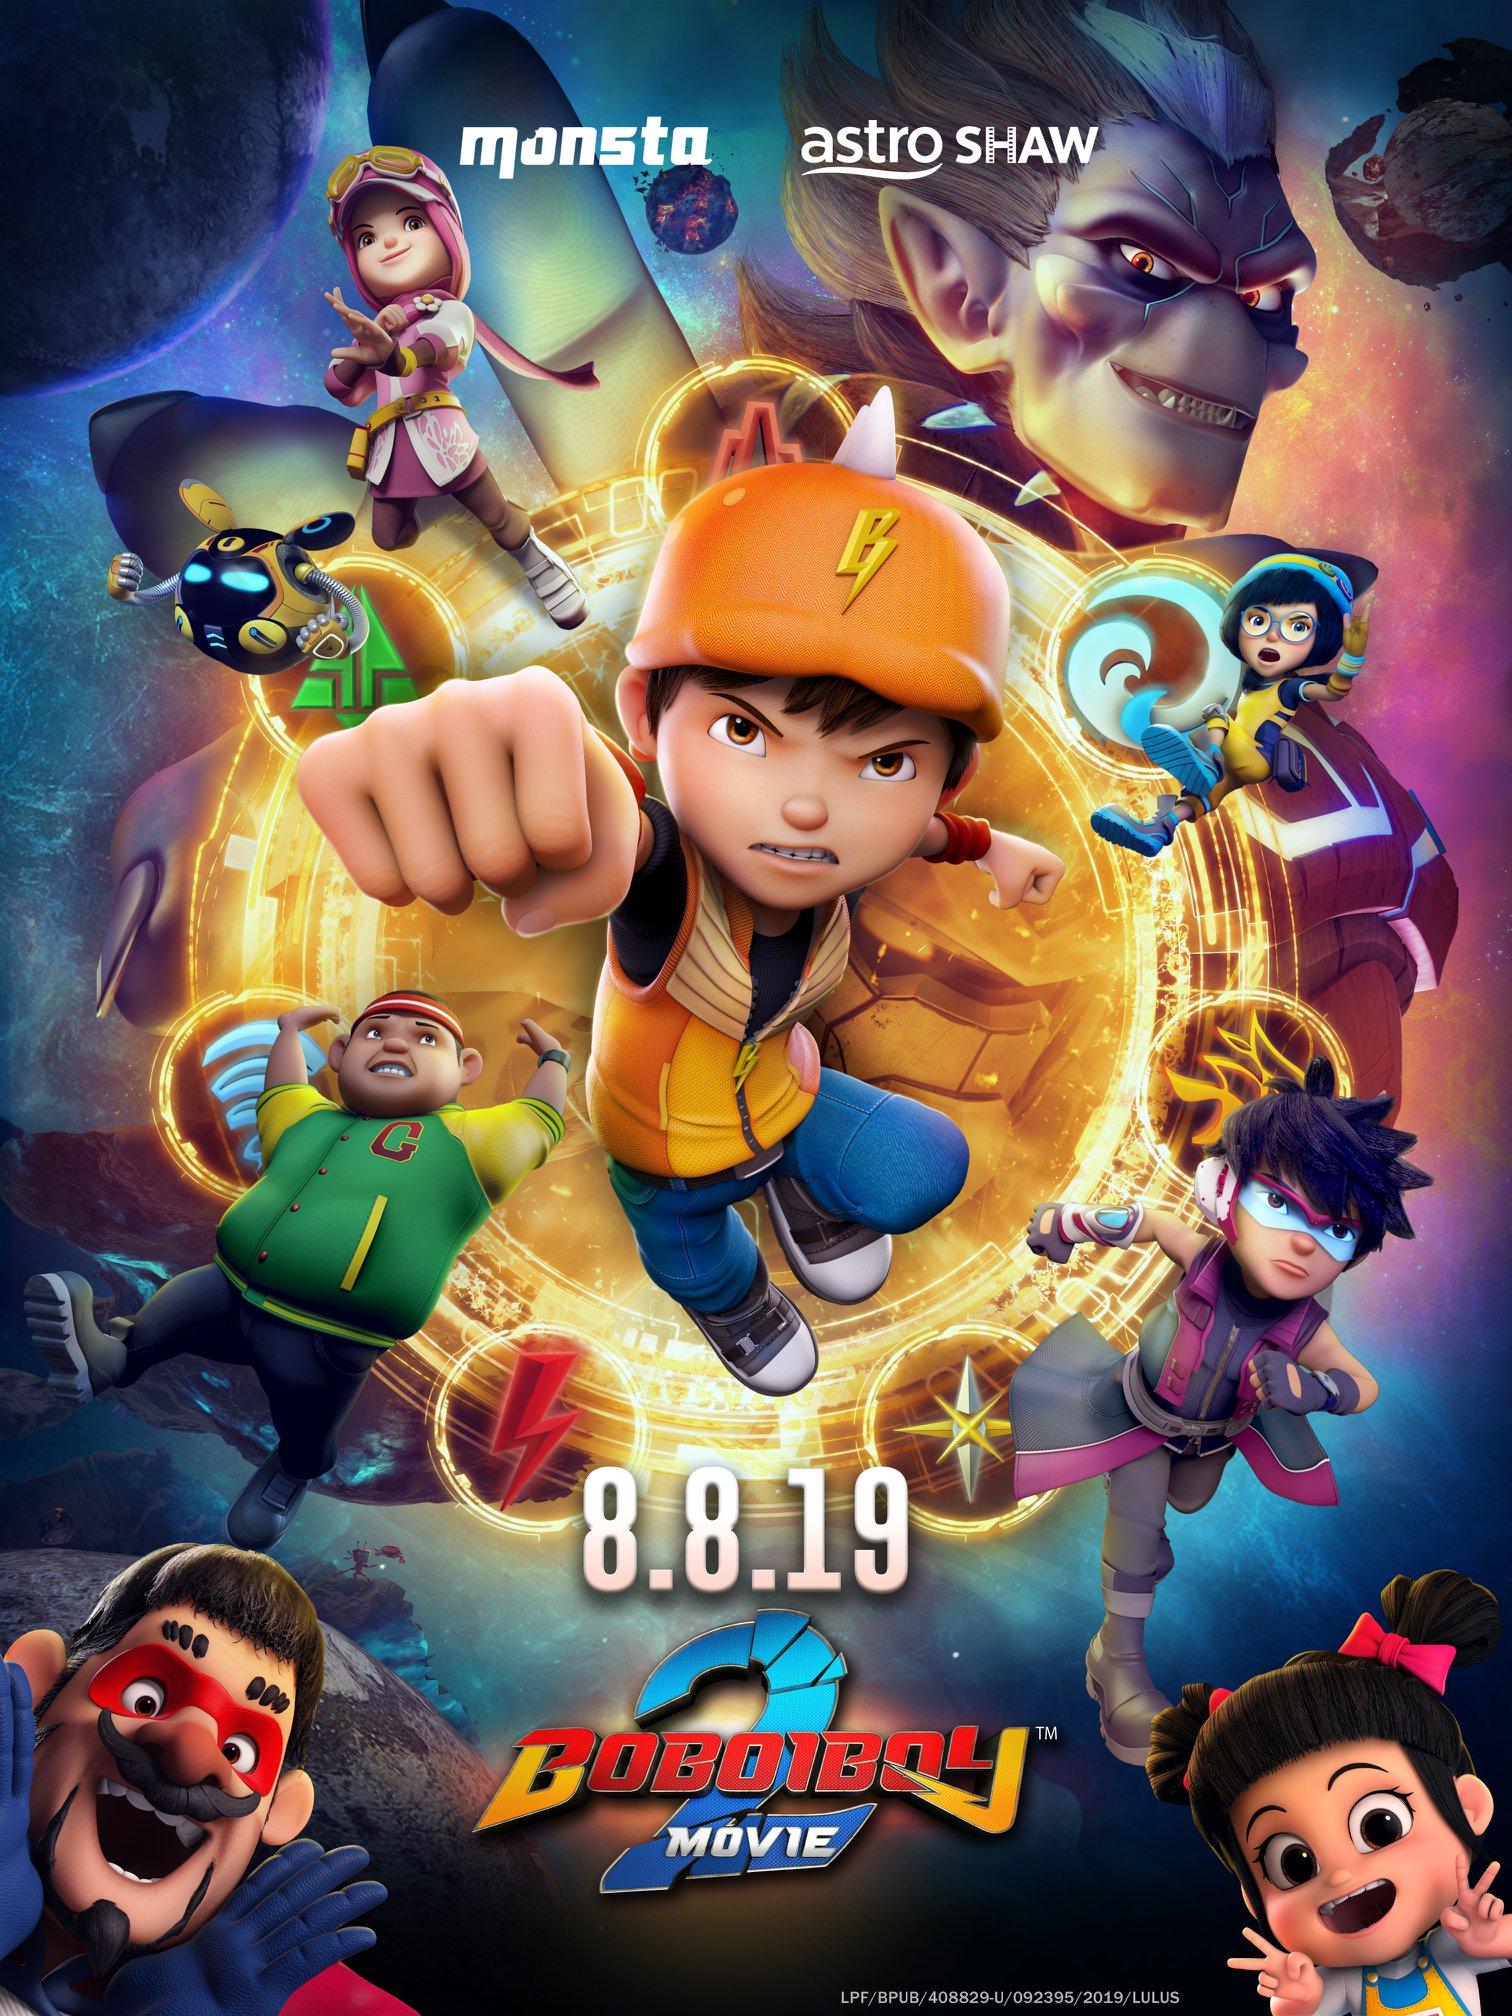 Boboiboy Movie 2 2019 Imdb